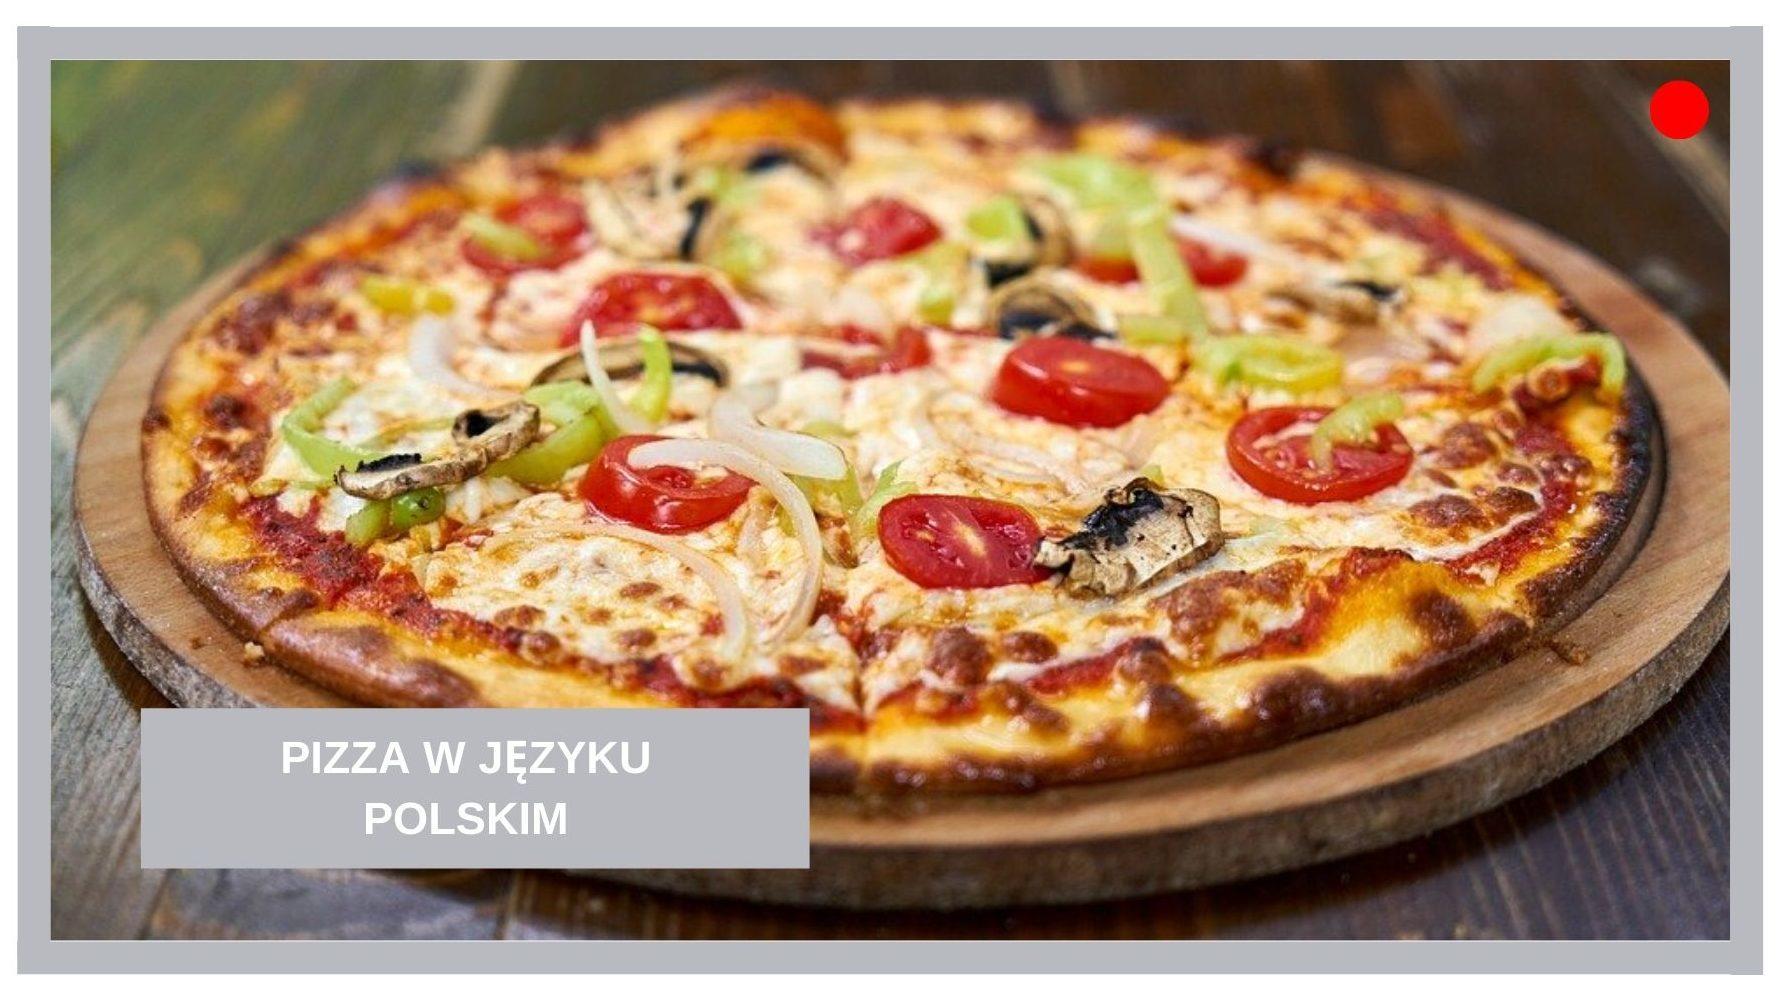 Blog Agnieszka Jasińska - Pizza w języku polskim